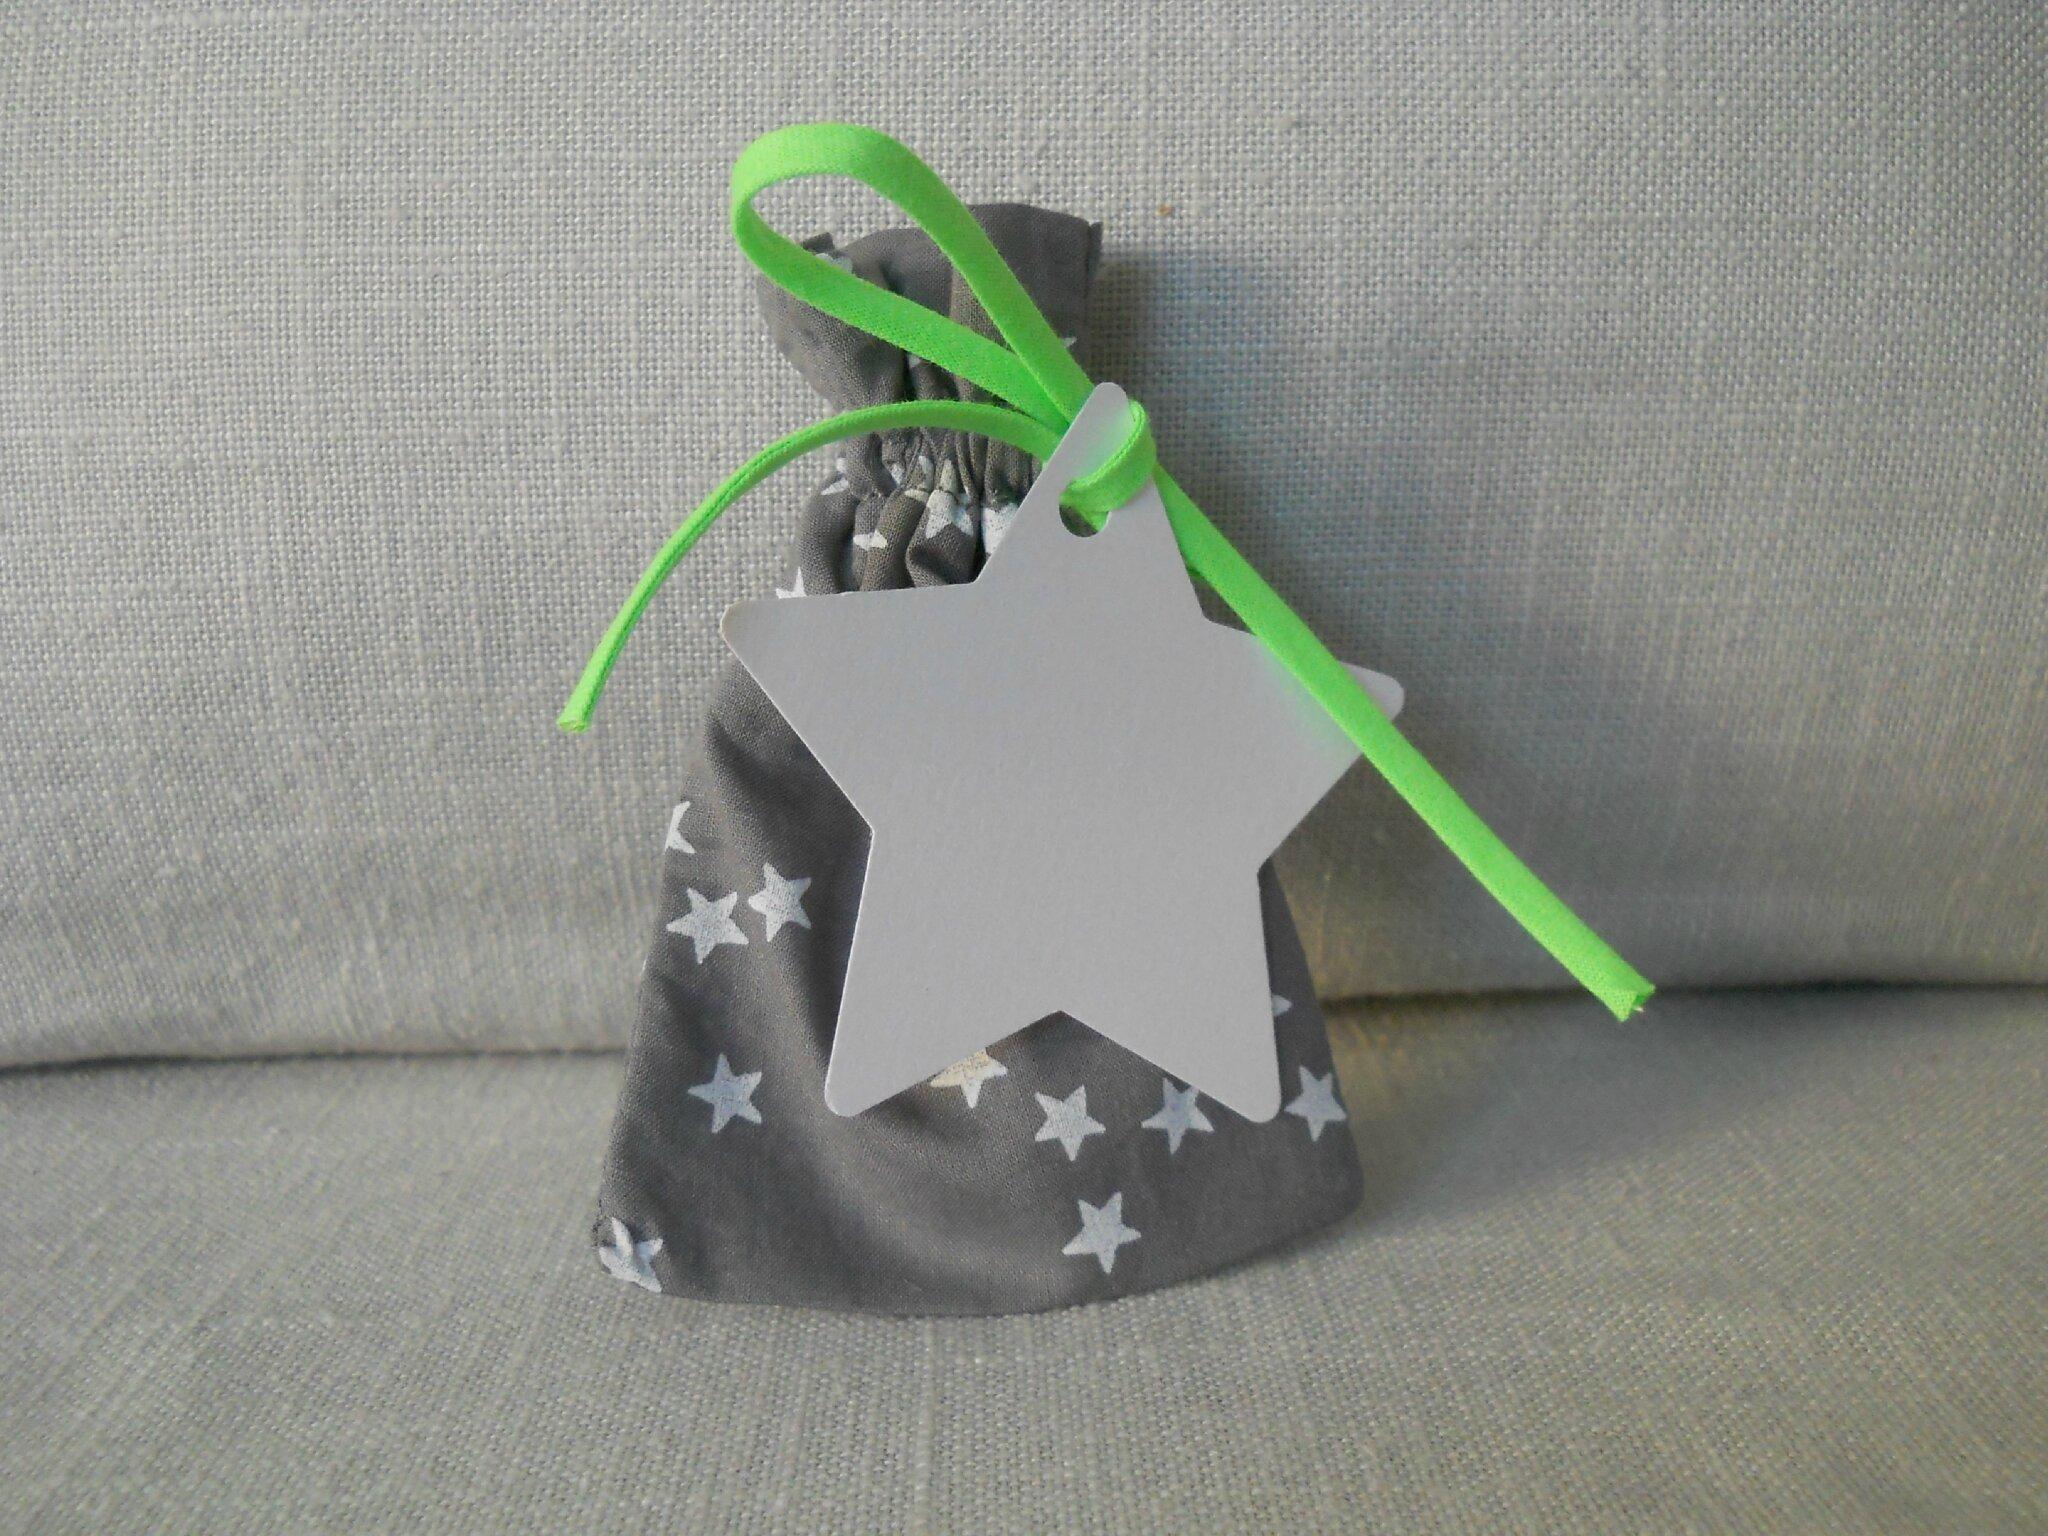 pochons gris nuée d'étoiles blanches cordon vert fluo